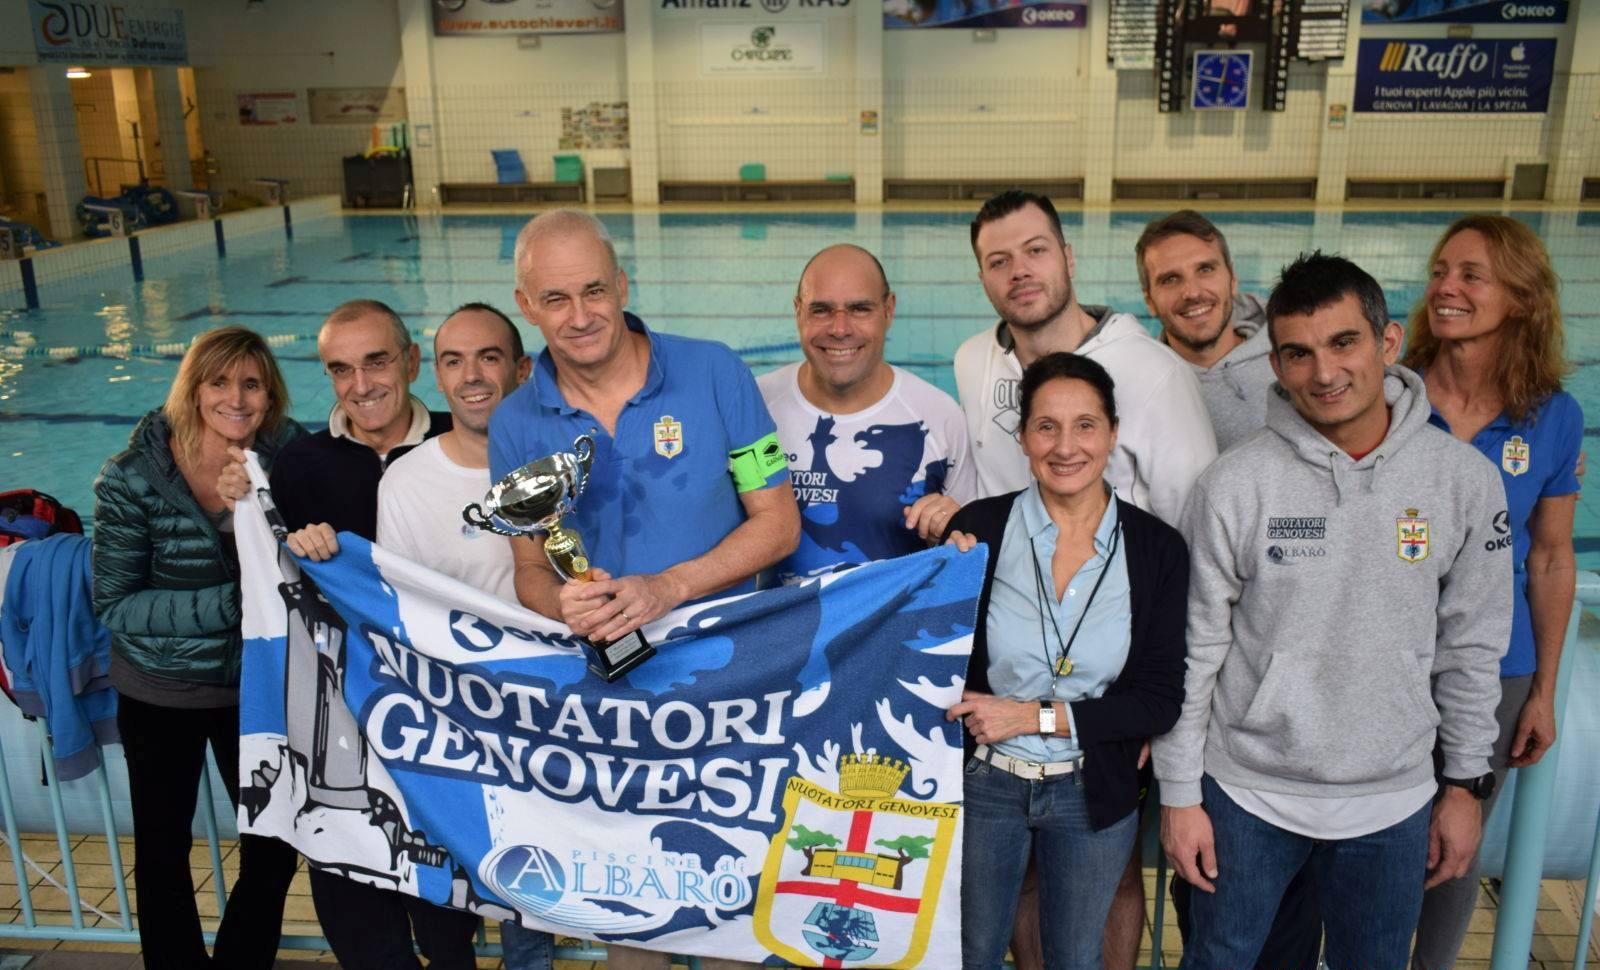 La squadra Master della Nuotatori Genovesi vince il 4° Trofeo Sprint di Chiavari.